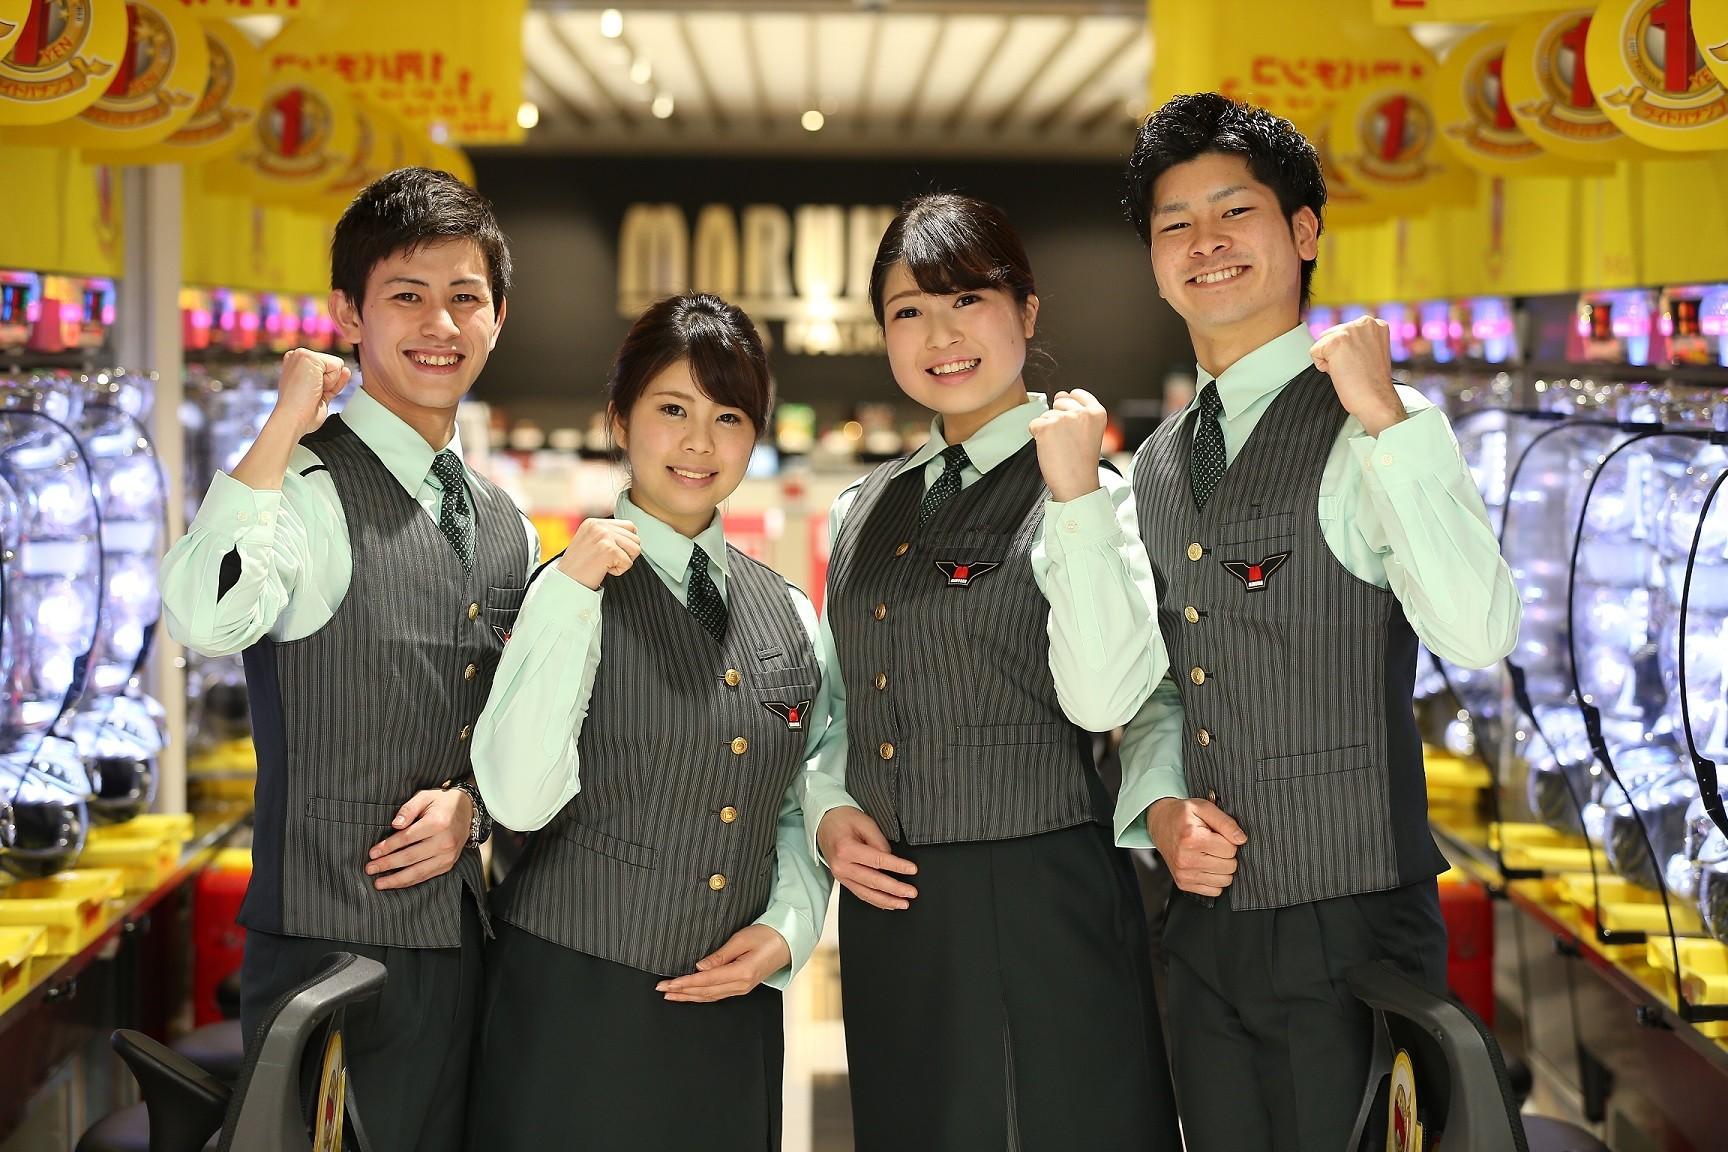 マルハン 草津店[2501] のアルバイト情報